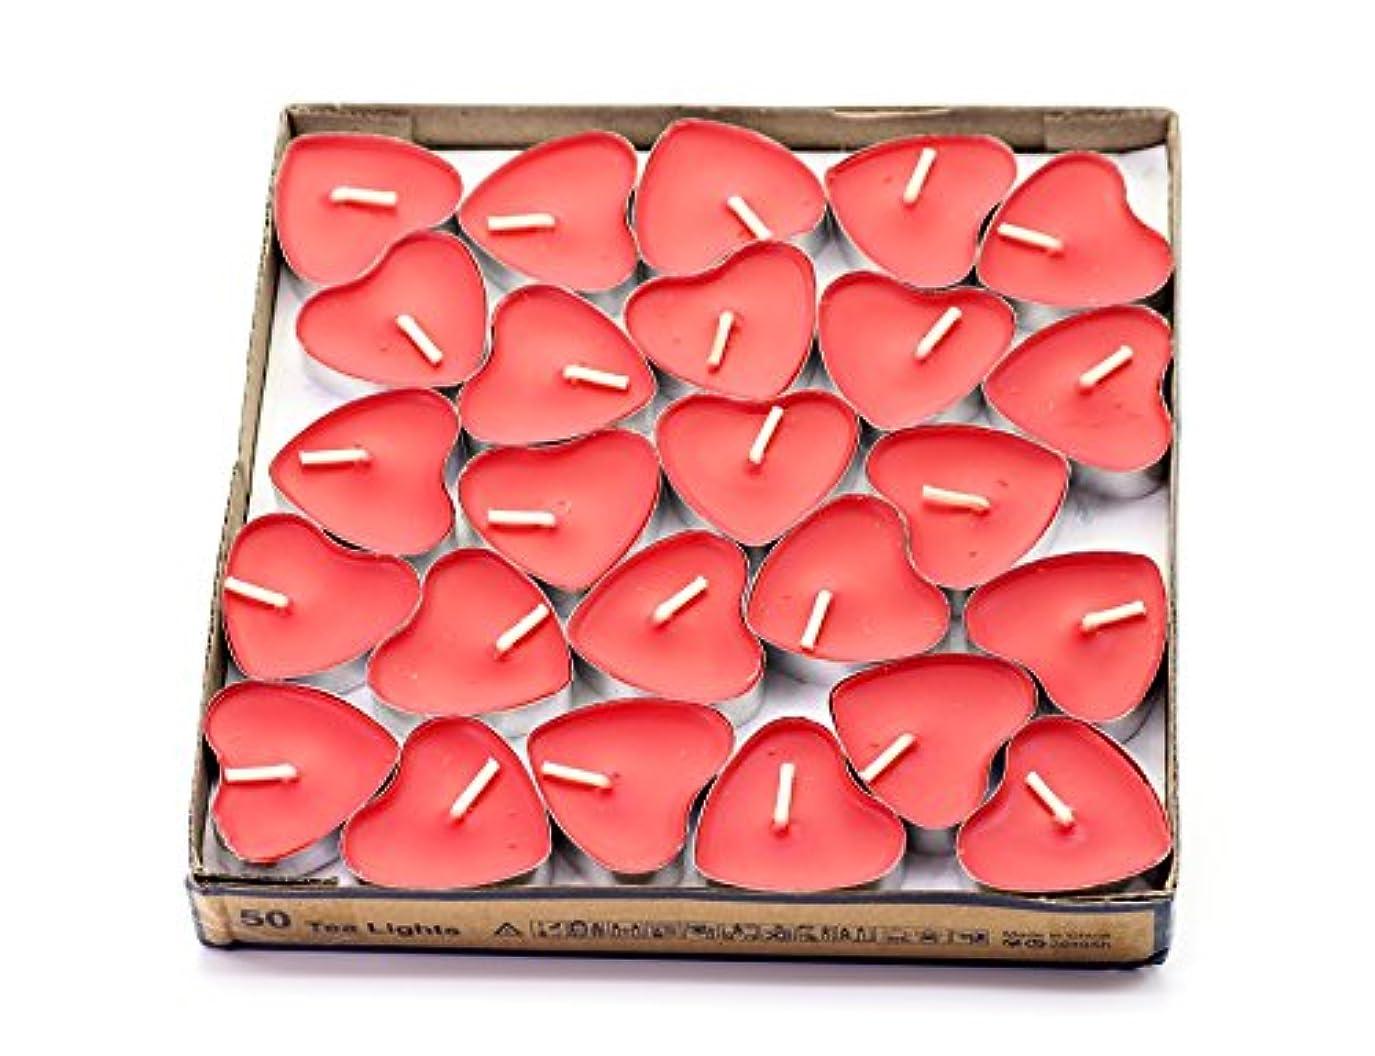 レジ可聴運搬(Red(strawberry)) - Creationtop Scented Candles Tea Lights Mini Hearts Home Decor Aroma Candles Set of 50 pcs...